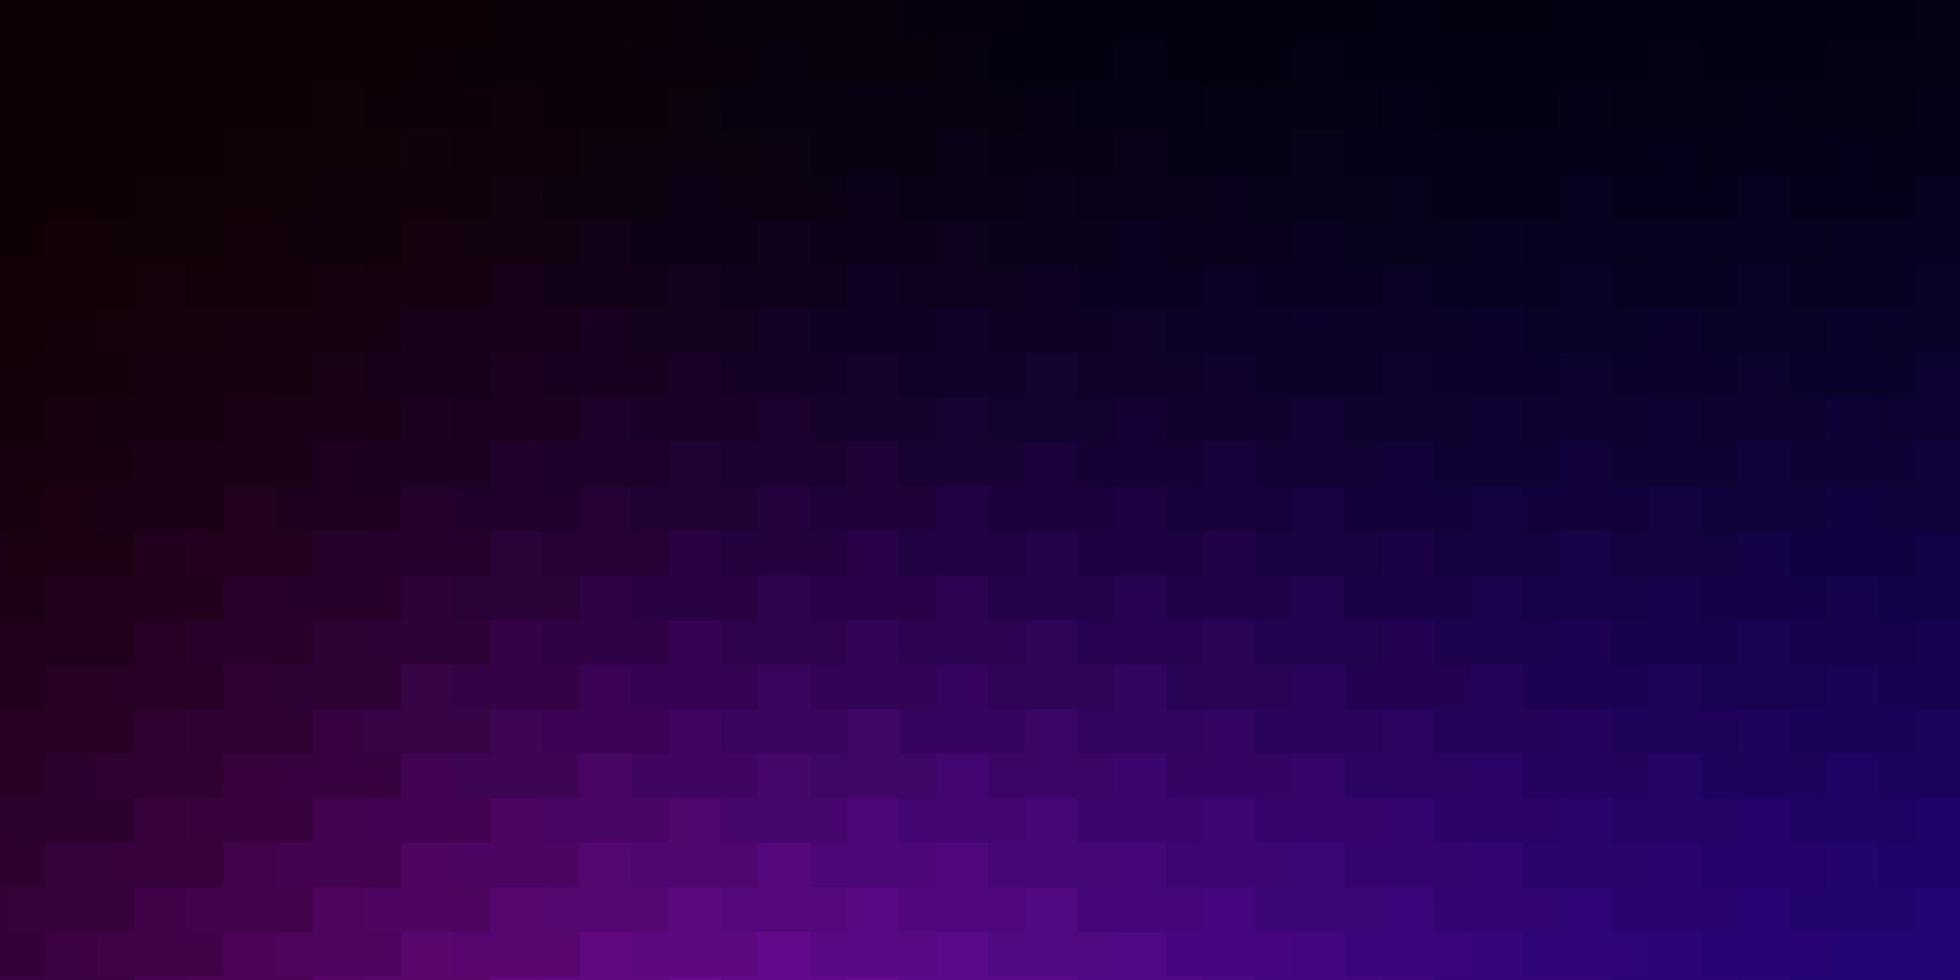 modello vettoriale rosa scuro in rettangoli.